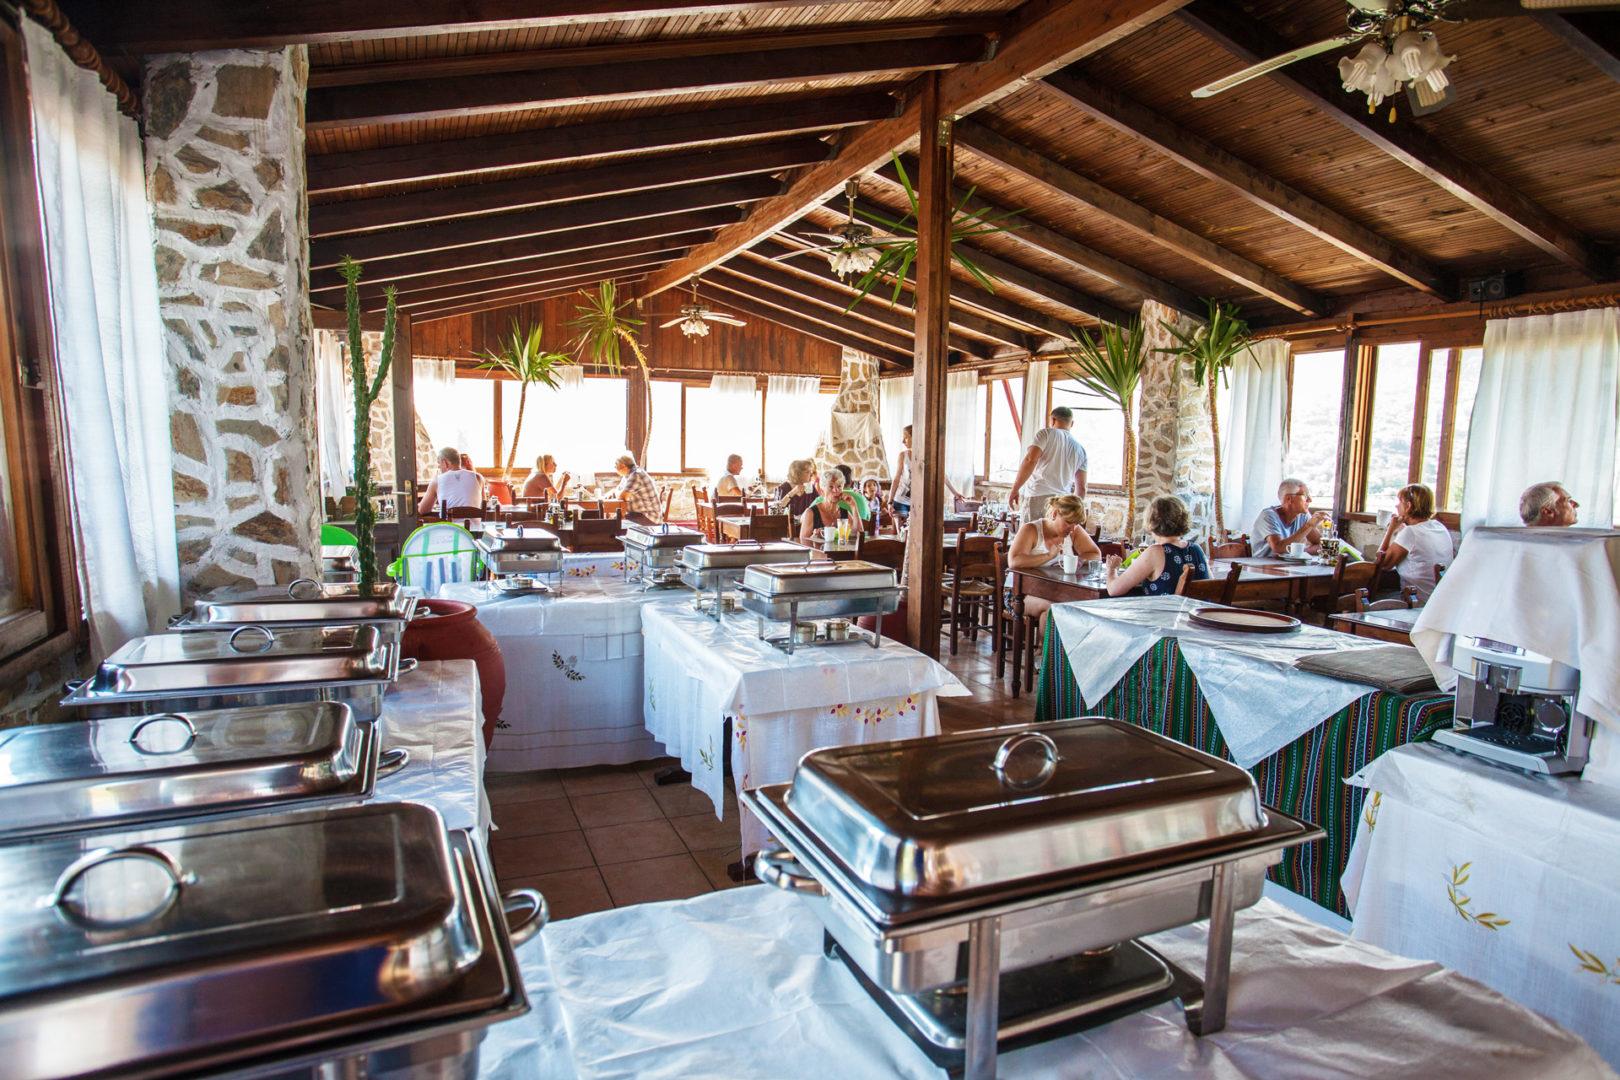 Hotel in Bali Crete - Stone Village - Restaurant 5